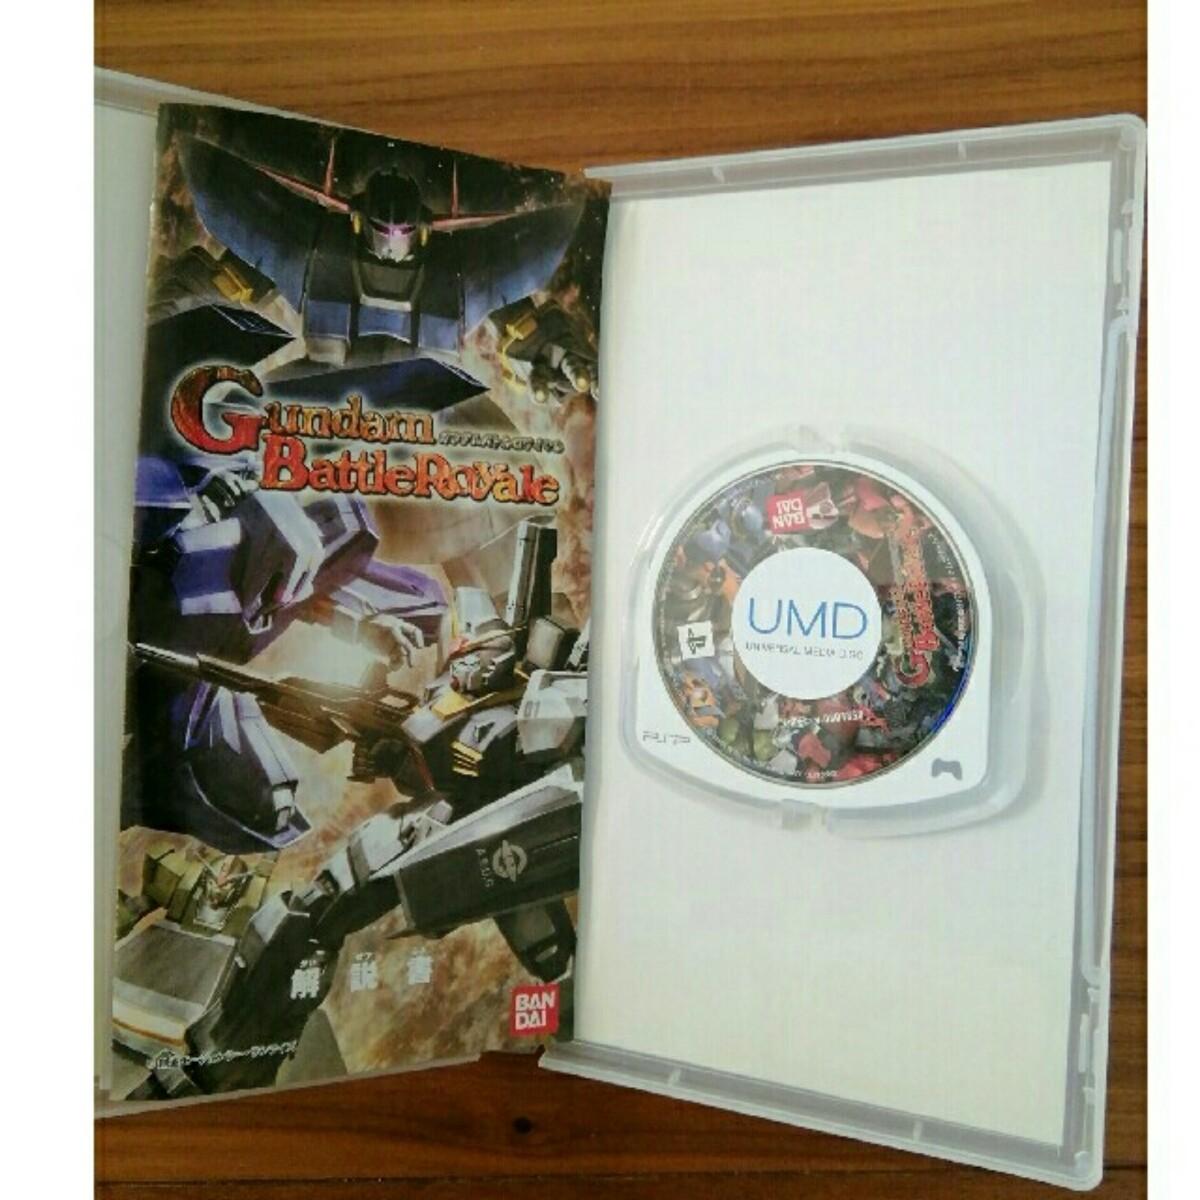 ガンダム バトルロイヤル PSPソフト 他との同梱で 550円!!